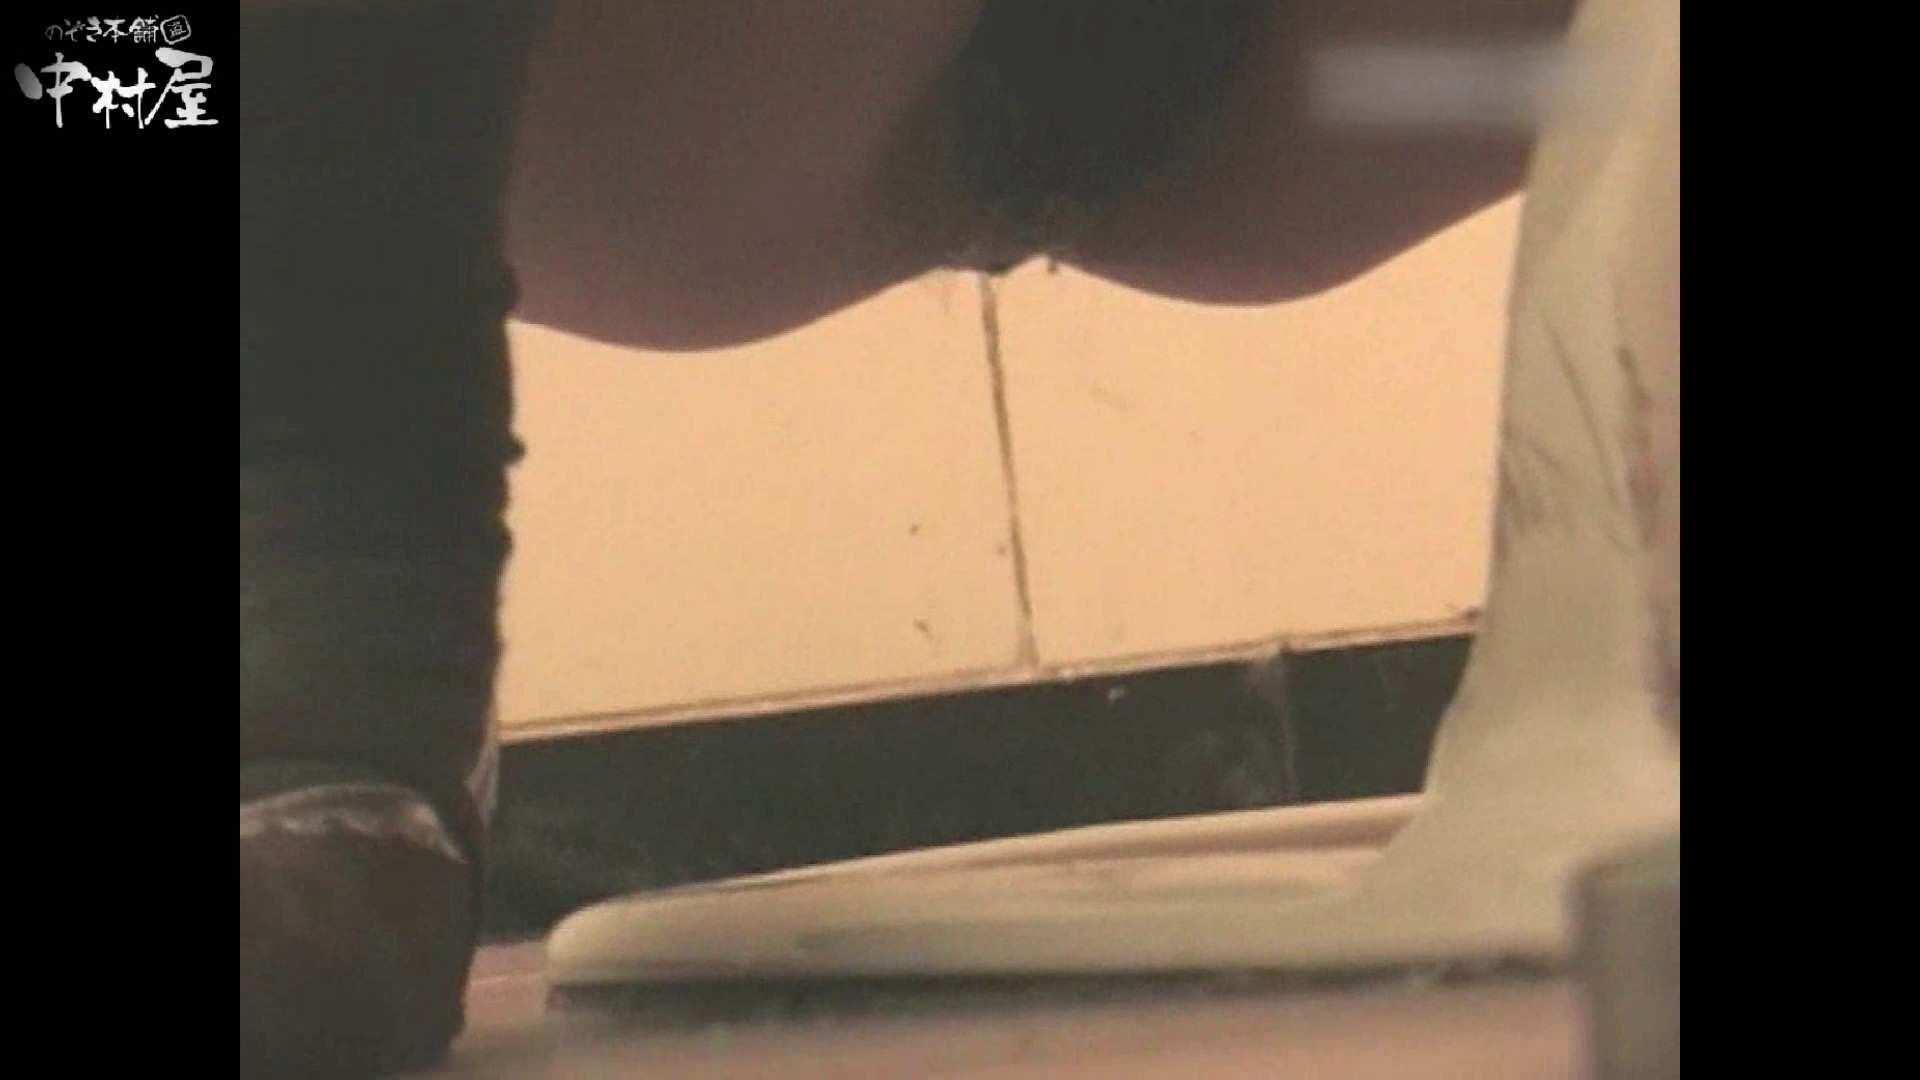 岩手県在住盗撮師盗撮記録vol.08 OLのエロ生活   オマンコギャル  49連発 15